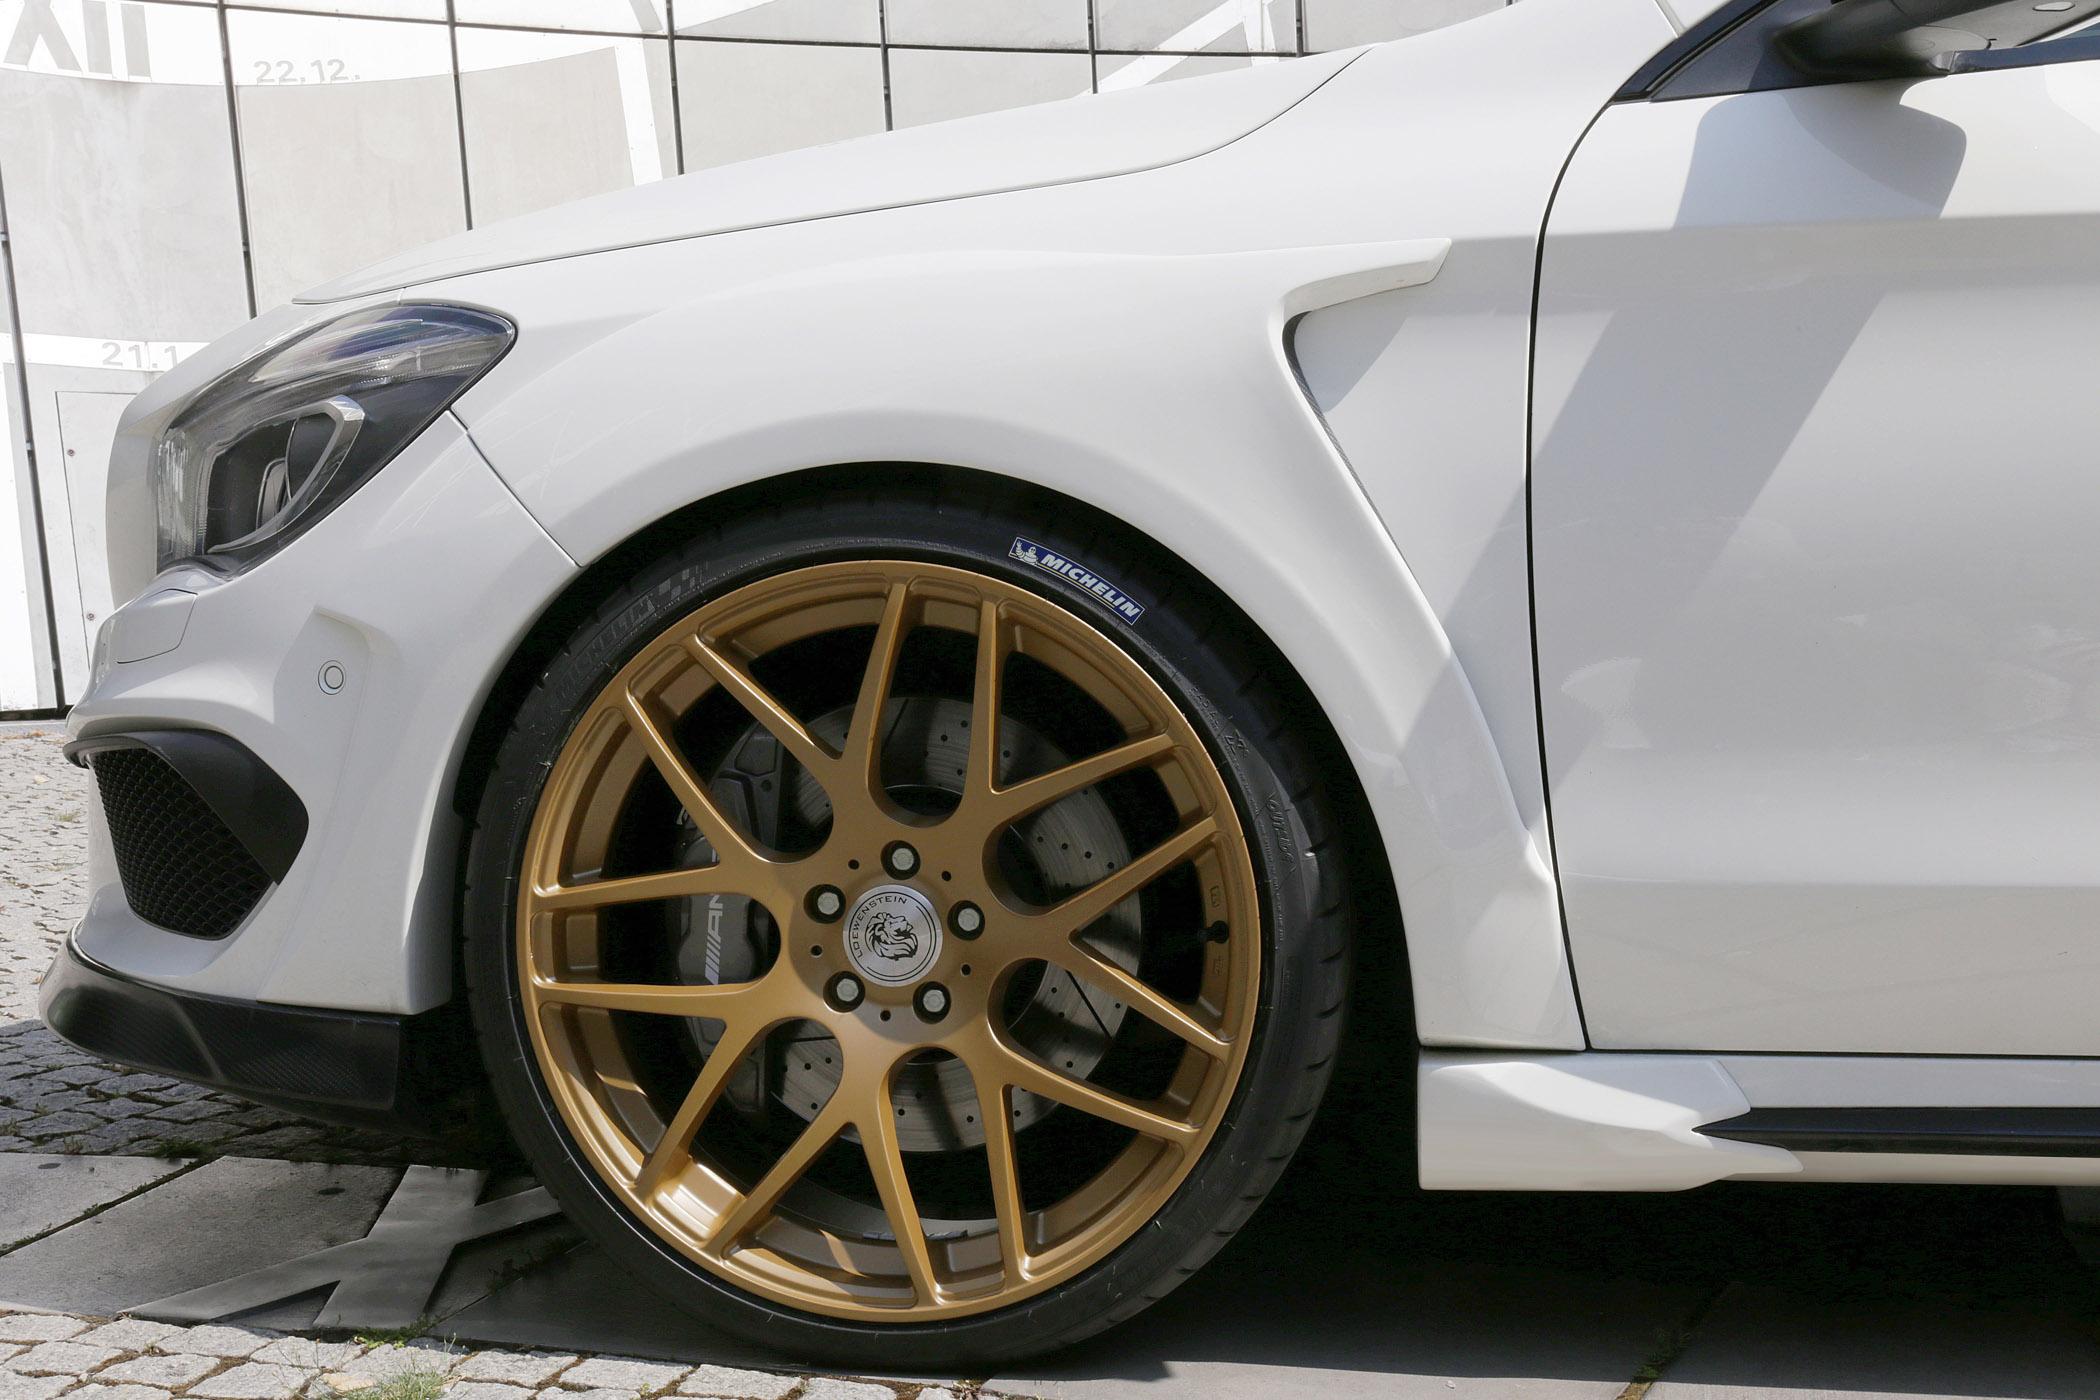 2015 Loewenstein Mercedes-Benz CLA SAPHIR LM45-410 Turbo